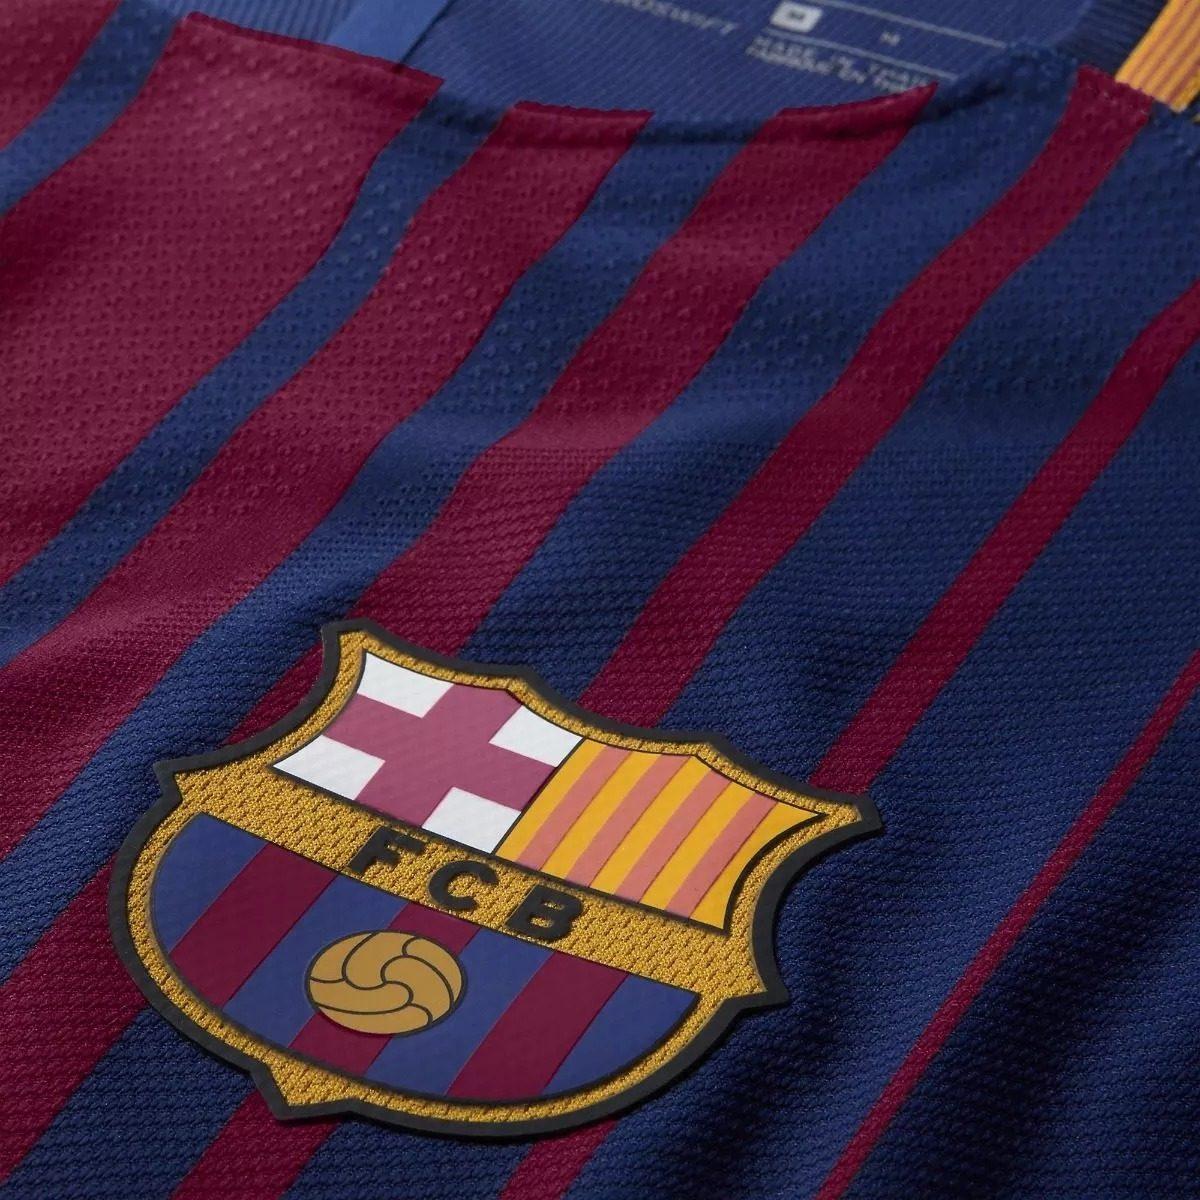 Camisa Barcelona 17 18 S n° Jogador Promoção Relâmpago - R  129 179a9e344c9bf